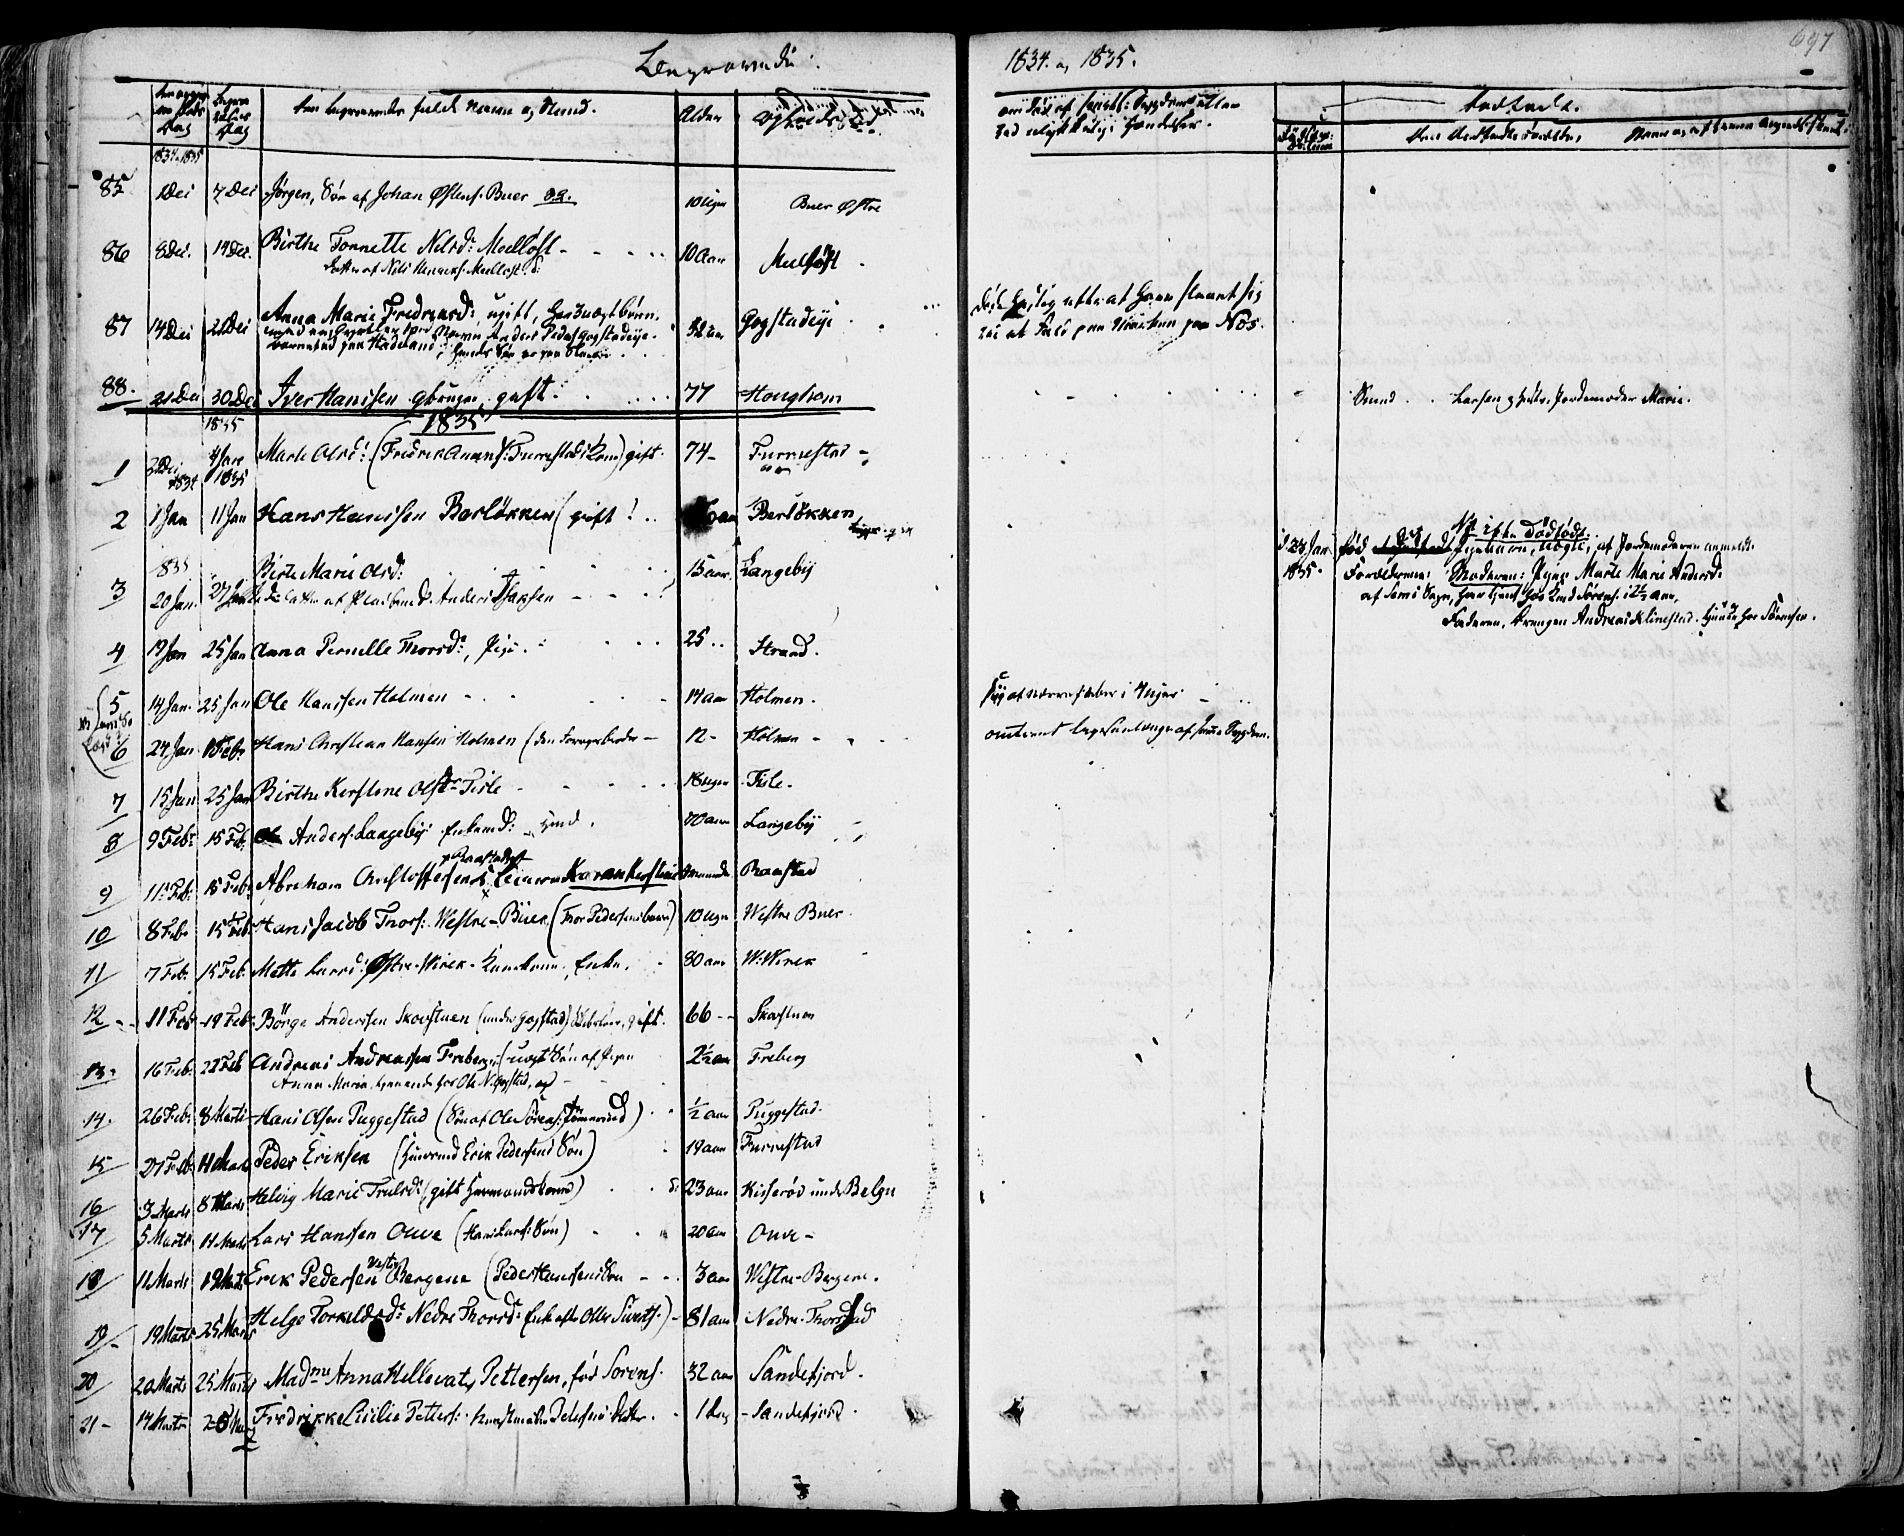 SAKO, Sandar kirkebøker, F/Fa/L0005: Ministerialbok nr. 5, 1832-1847, s. 696-697